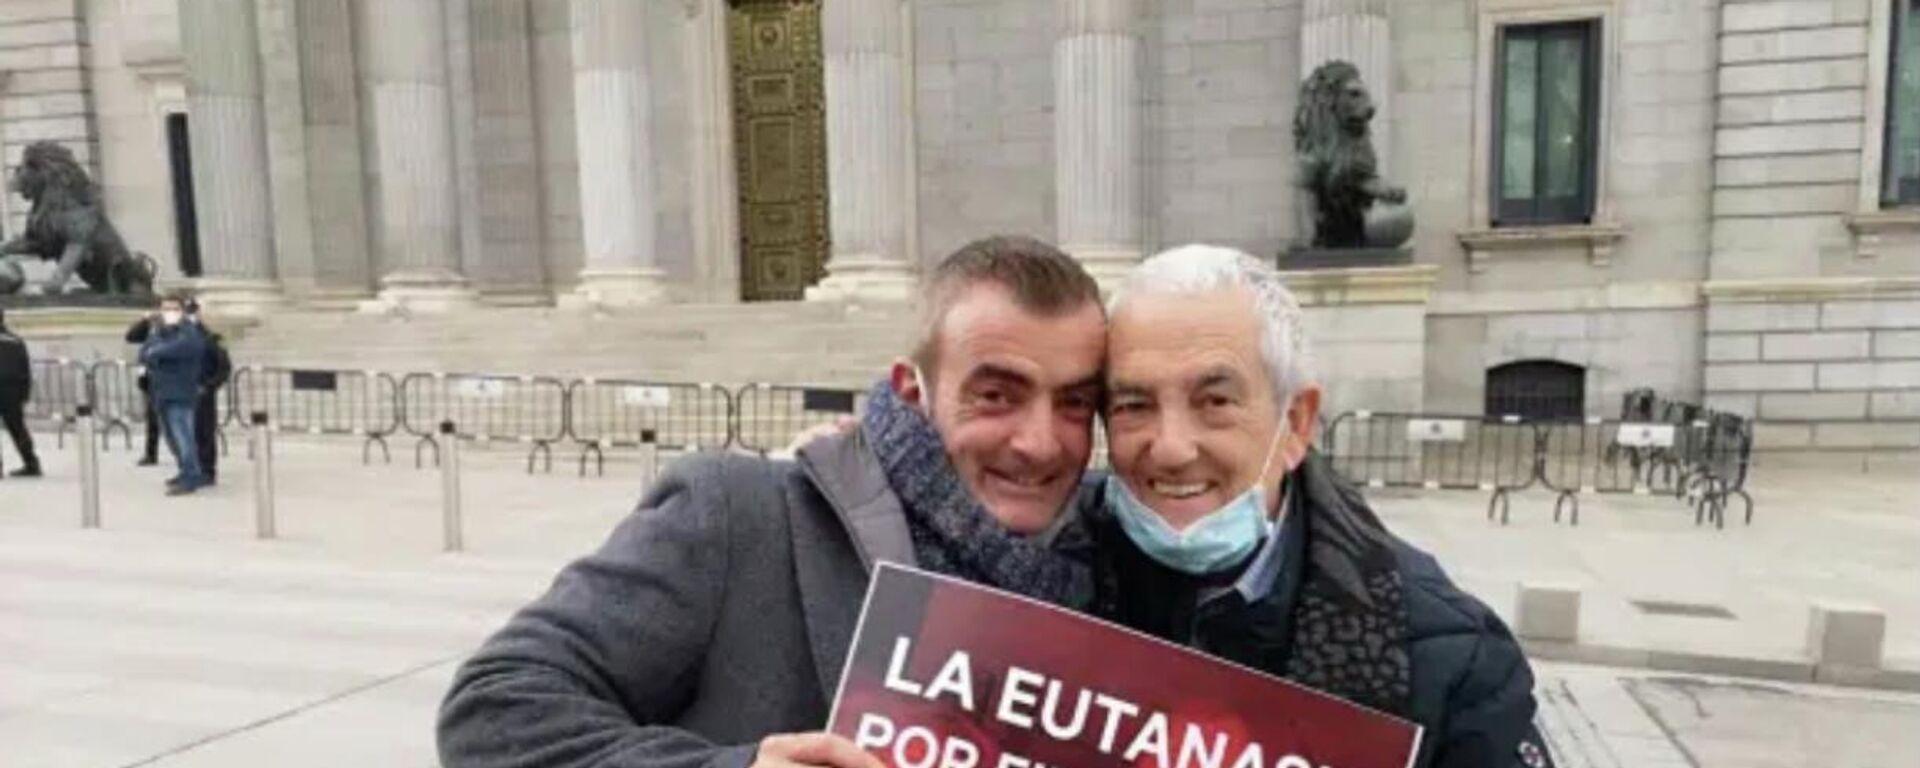 Txema Lorente y su hijo en la puerta del Congreso de los Diputados en Madrid - Sputnik Mundo, 1920, 18.03.2021